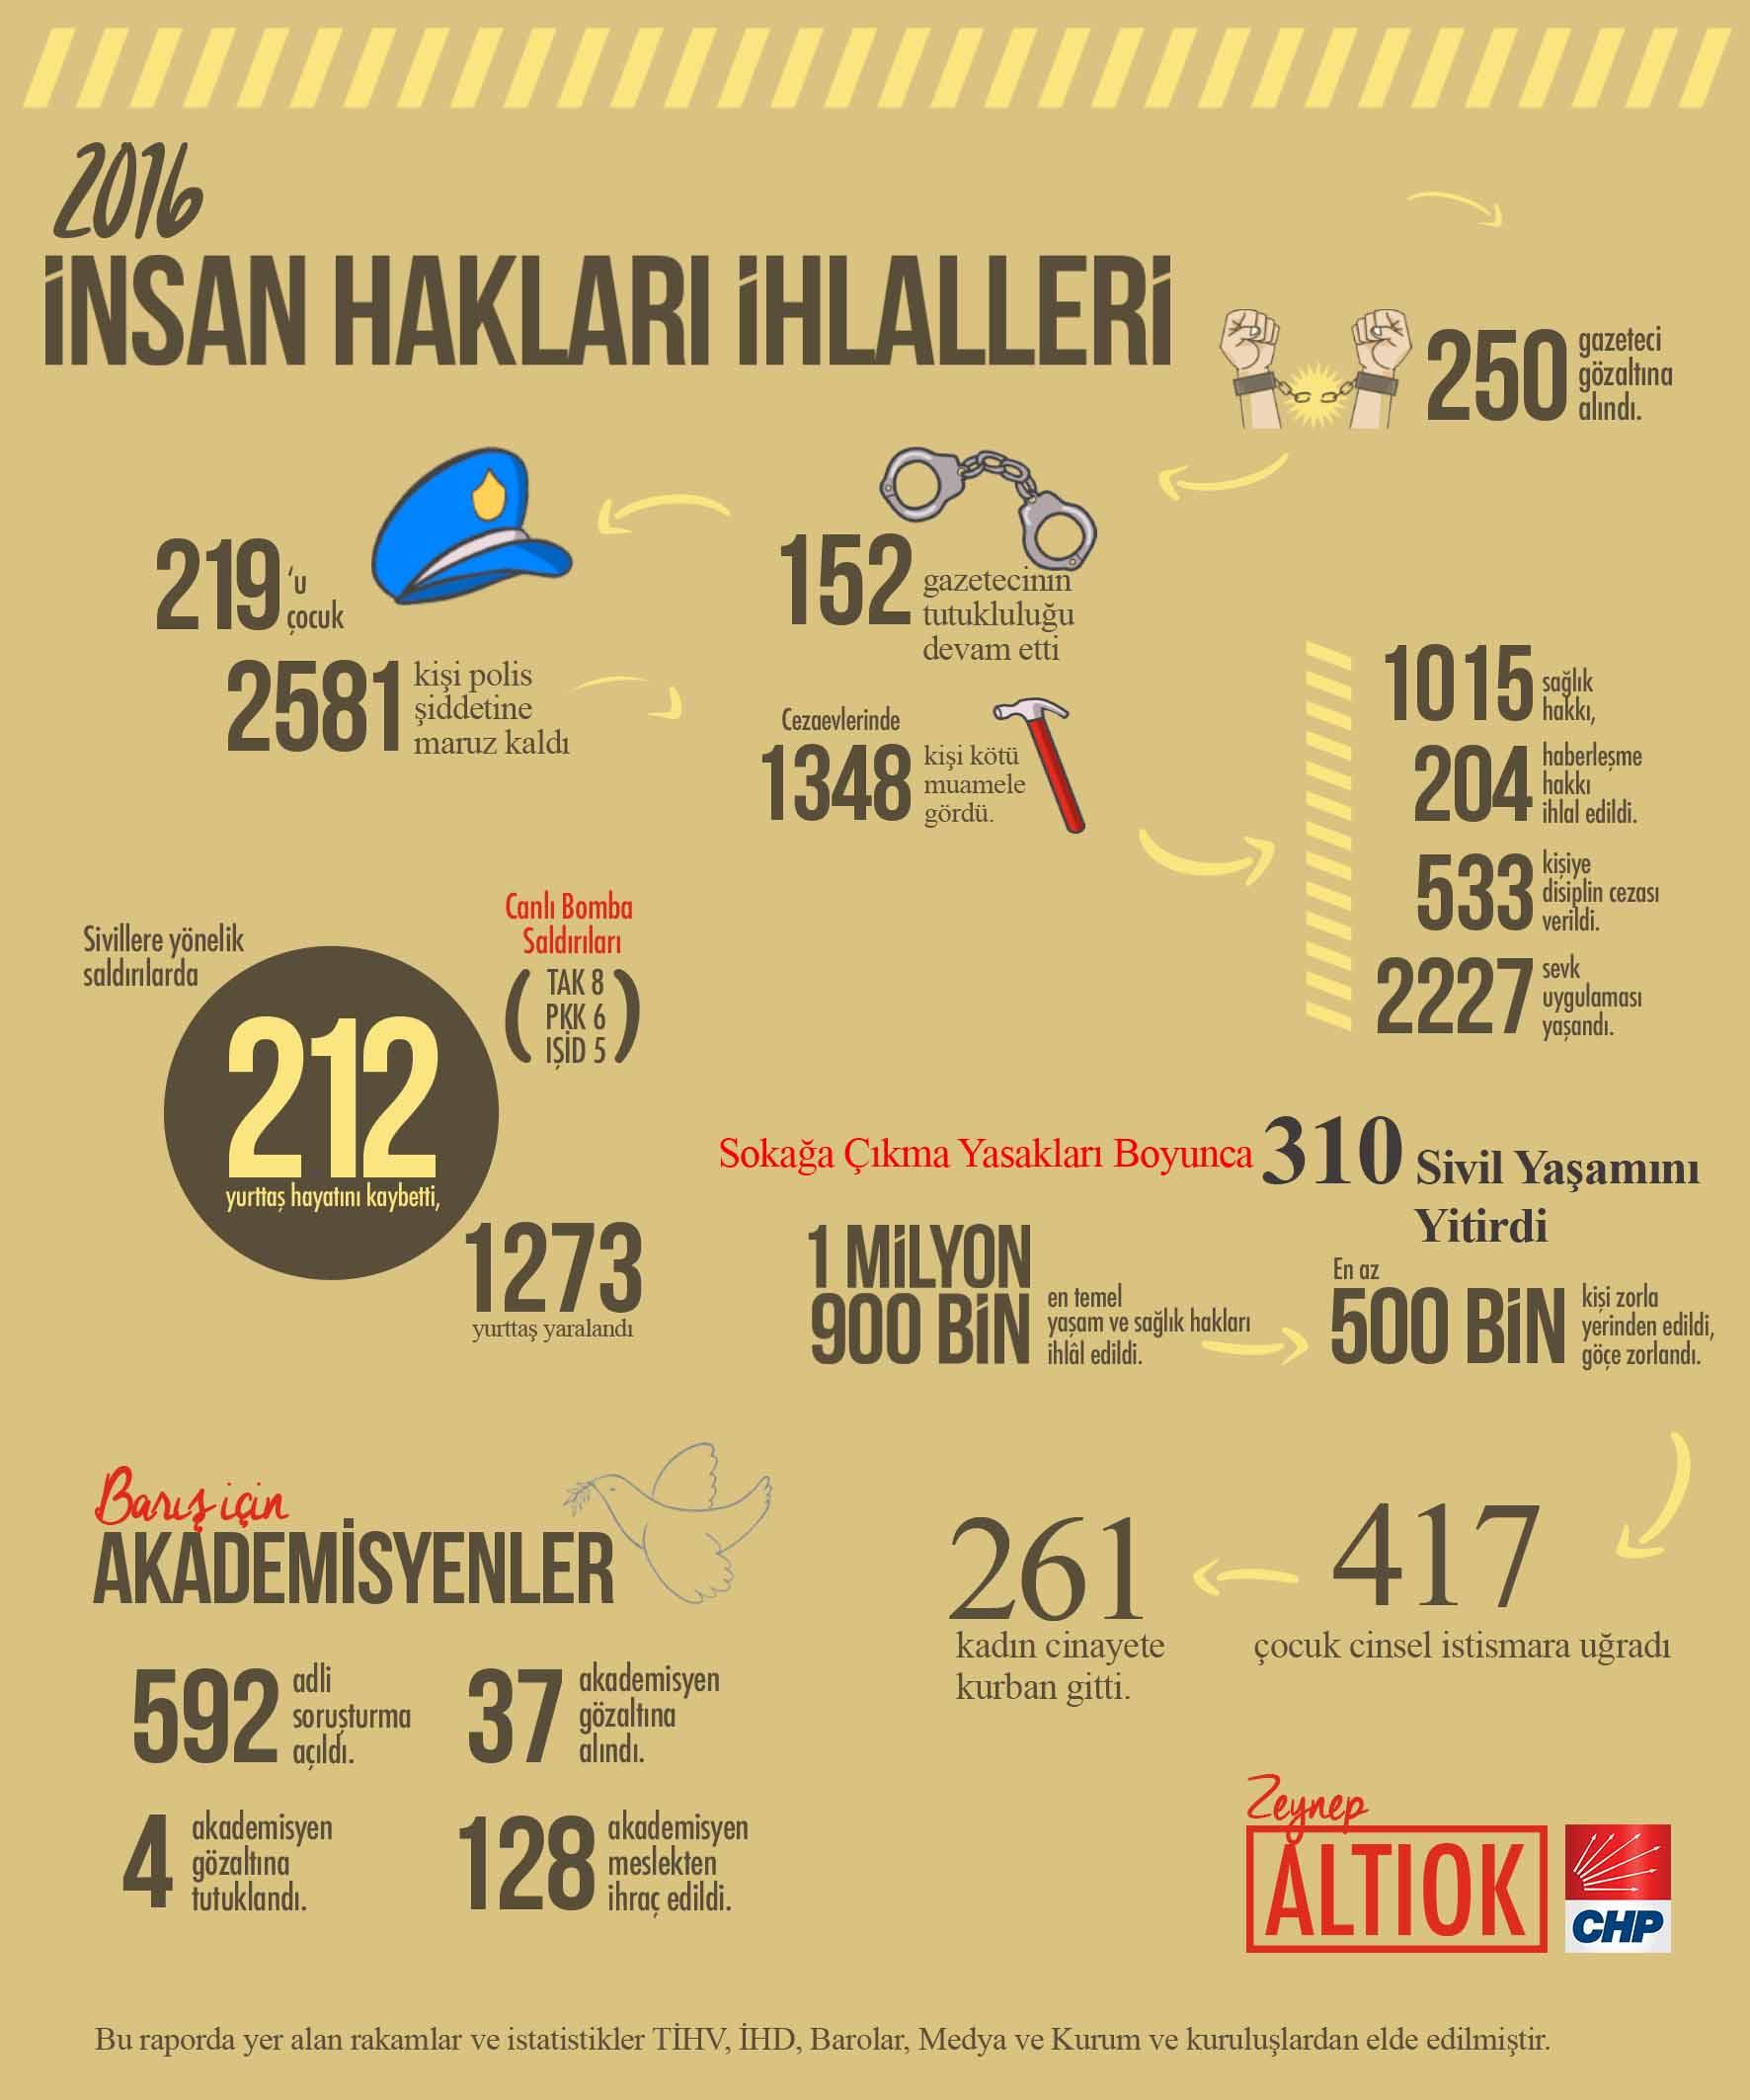 2016 yılı insan hakları ihlalleri